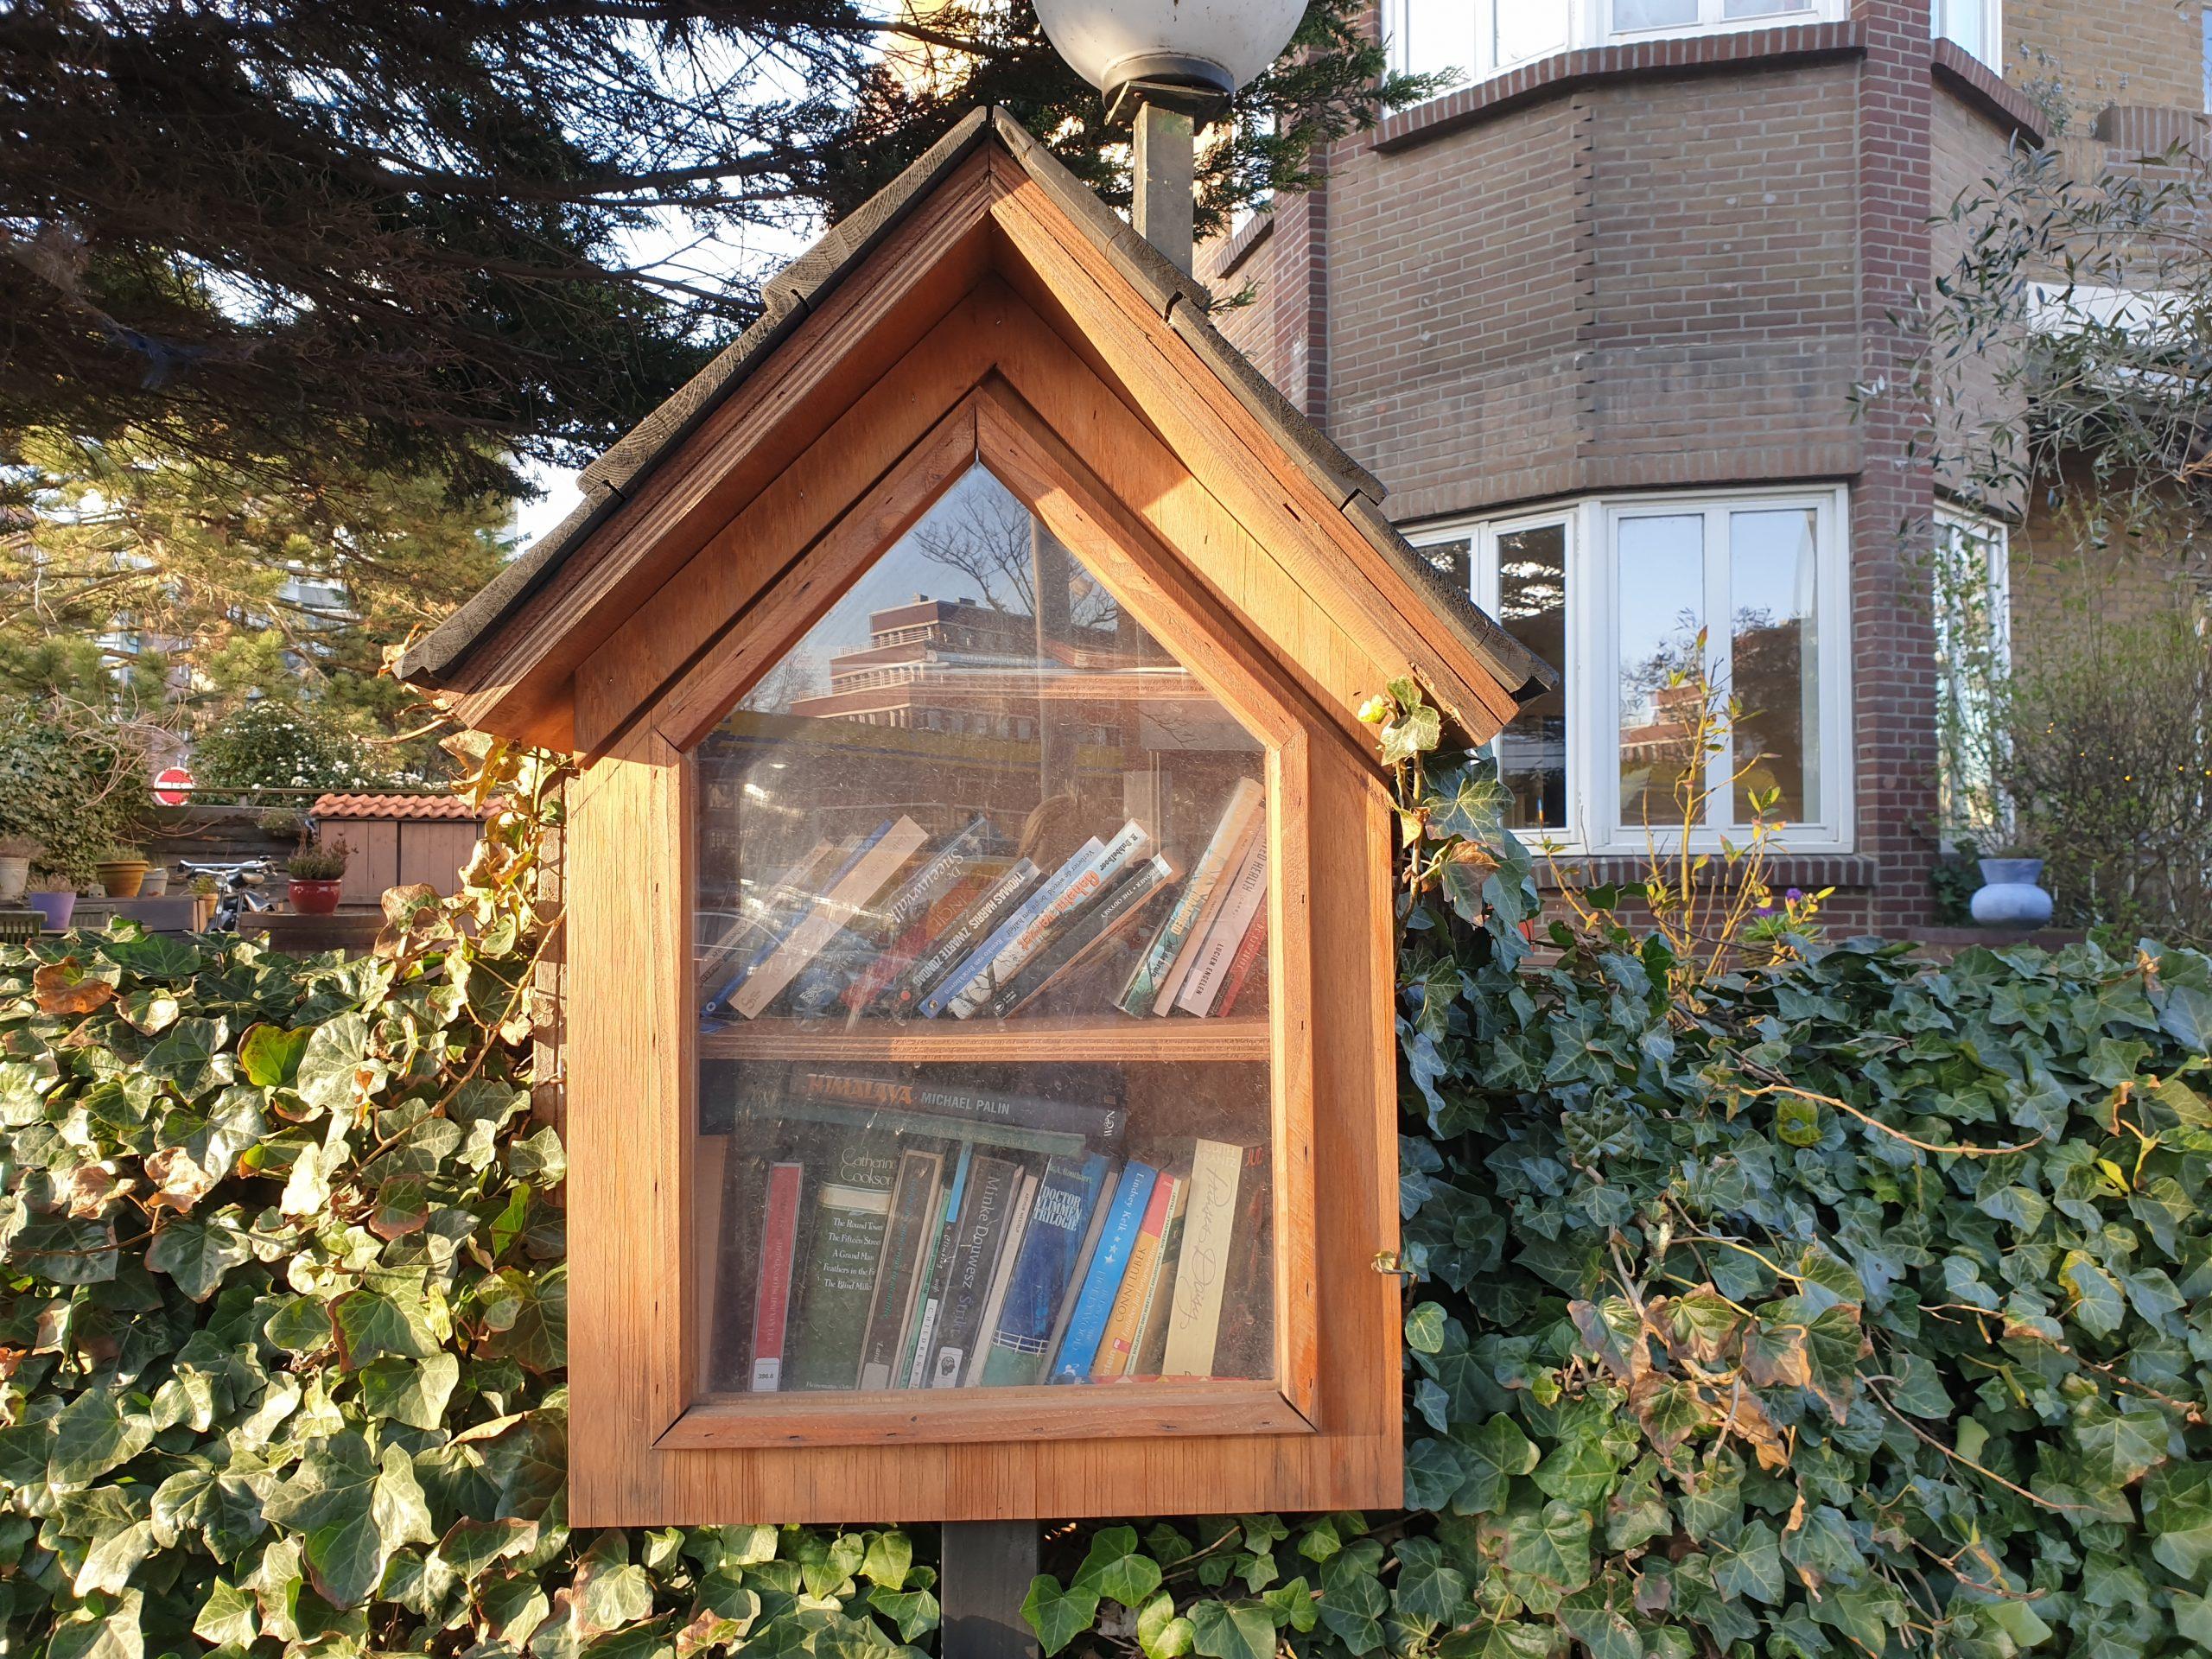 Buitenbibliotheek